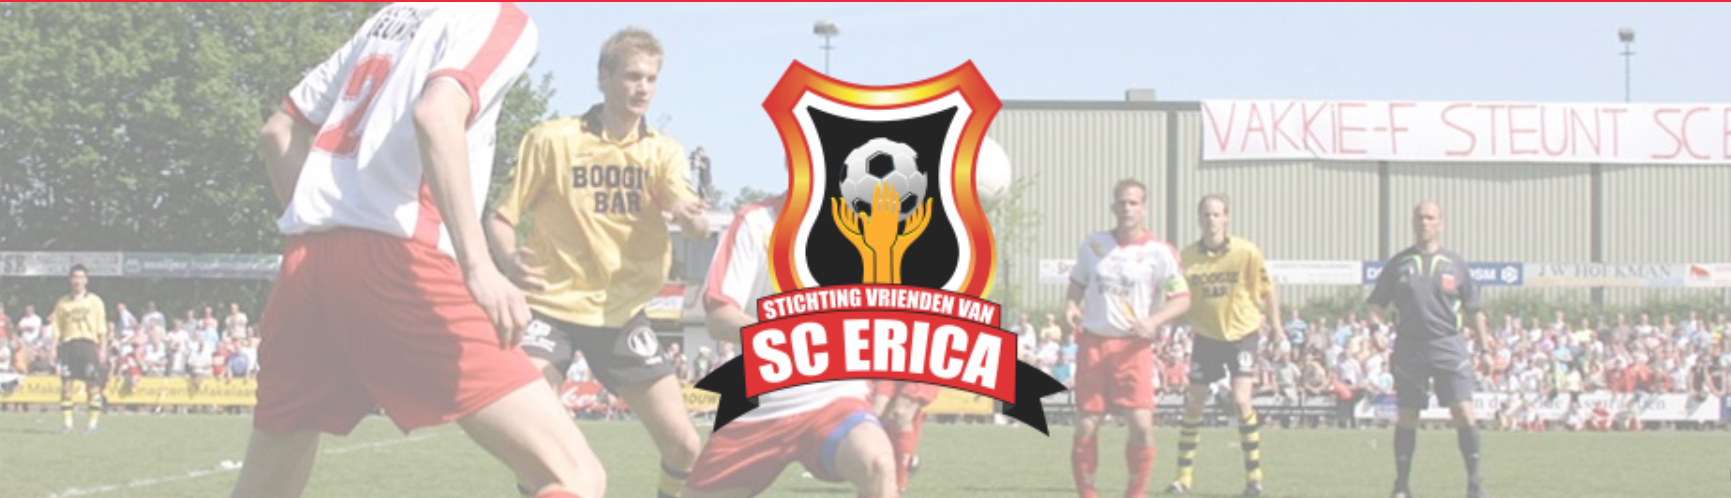 Vrienden van SC Erica